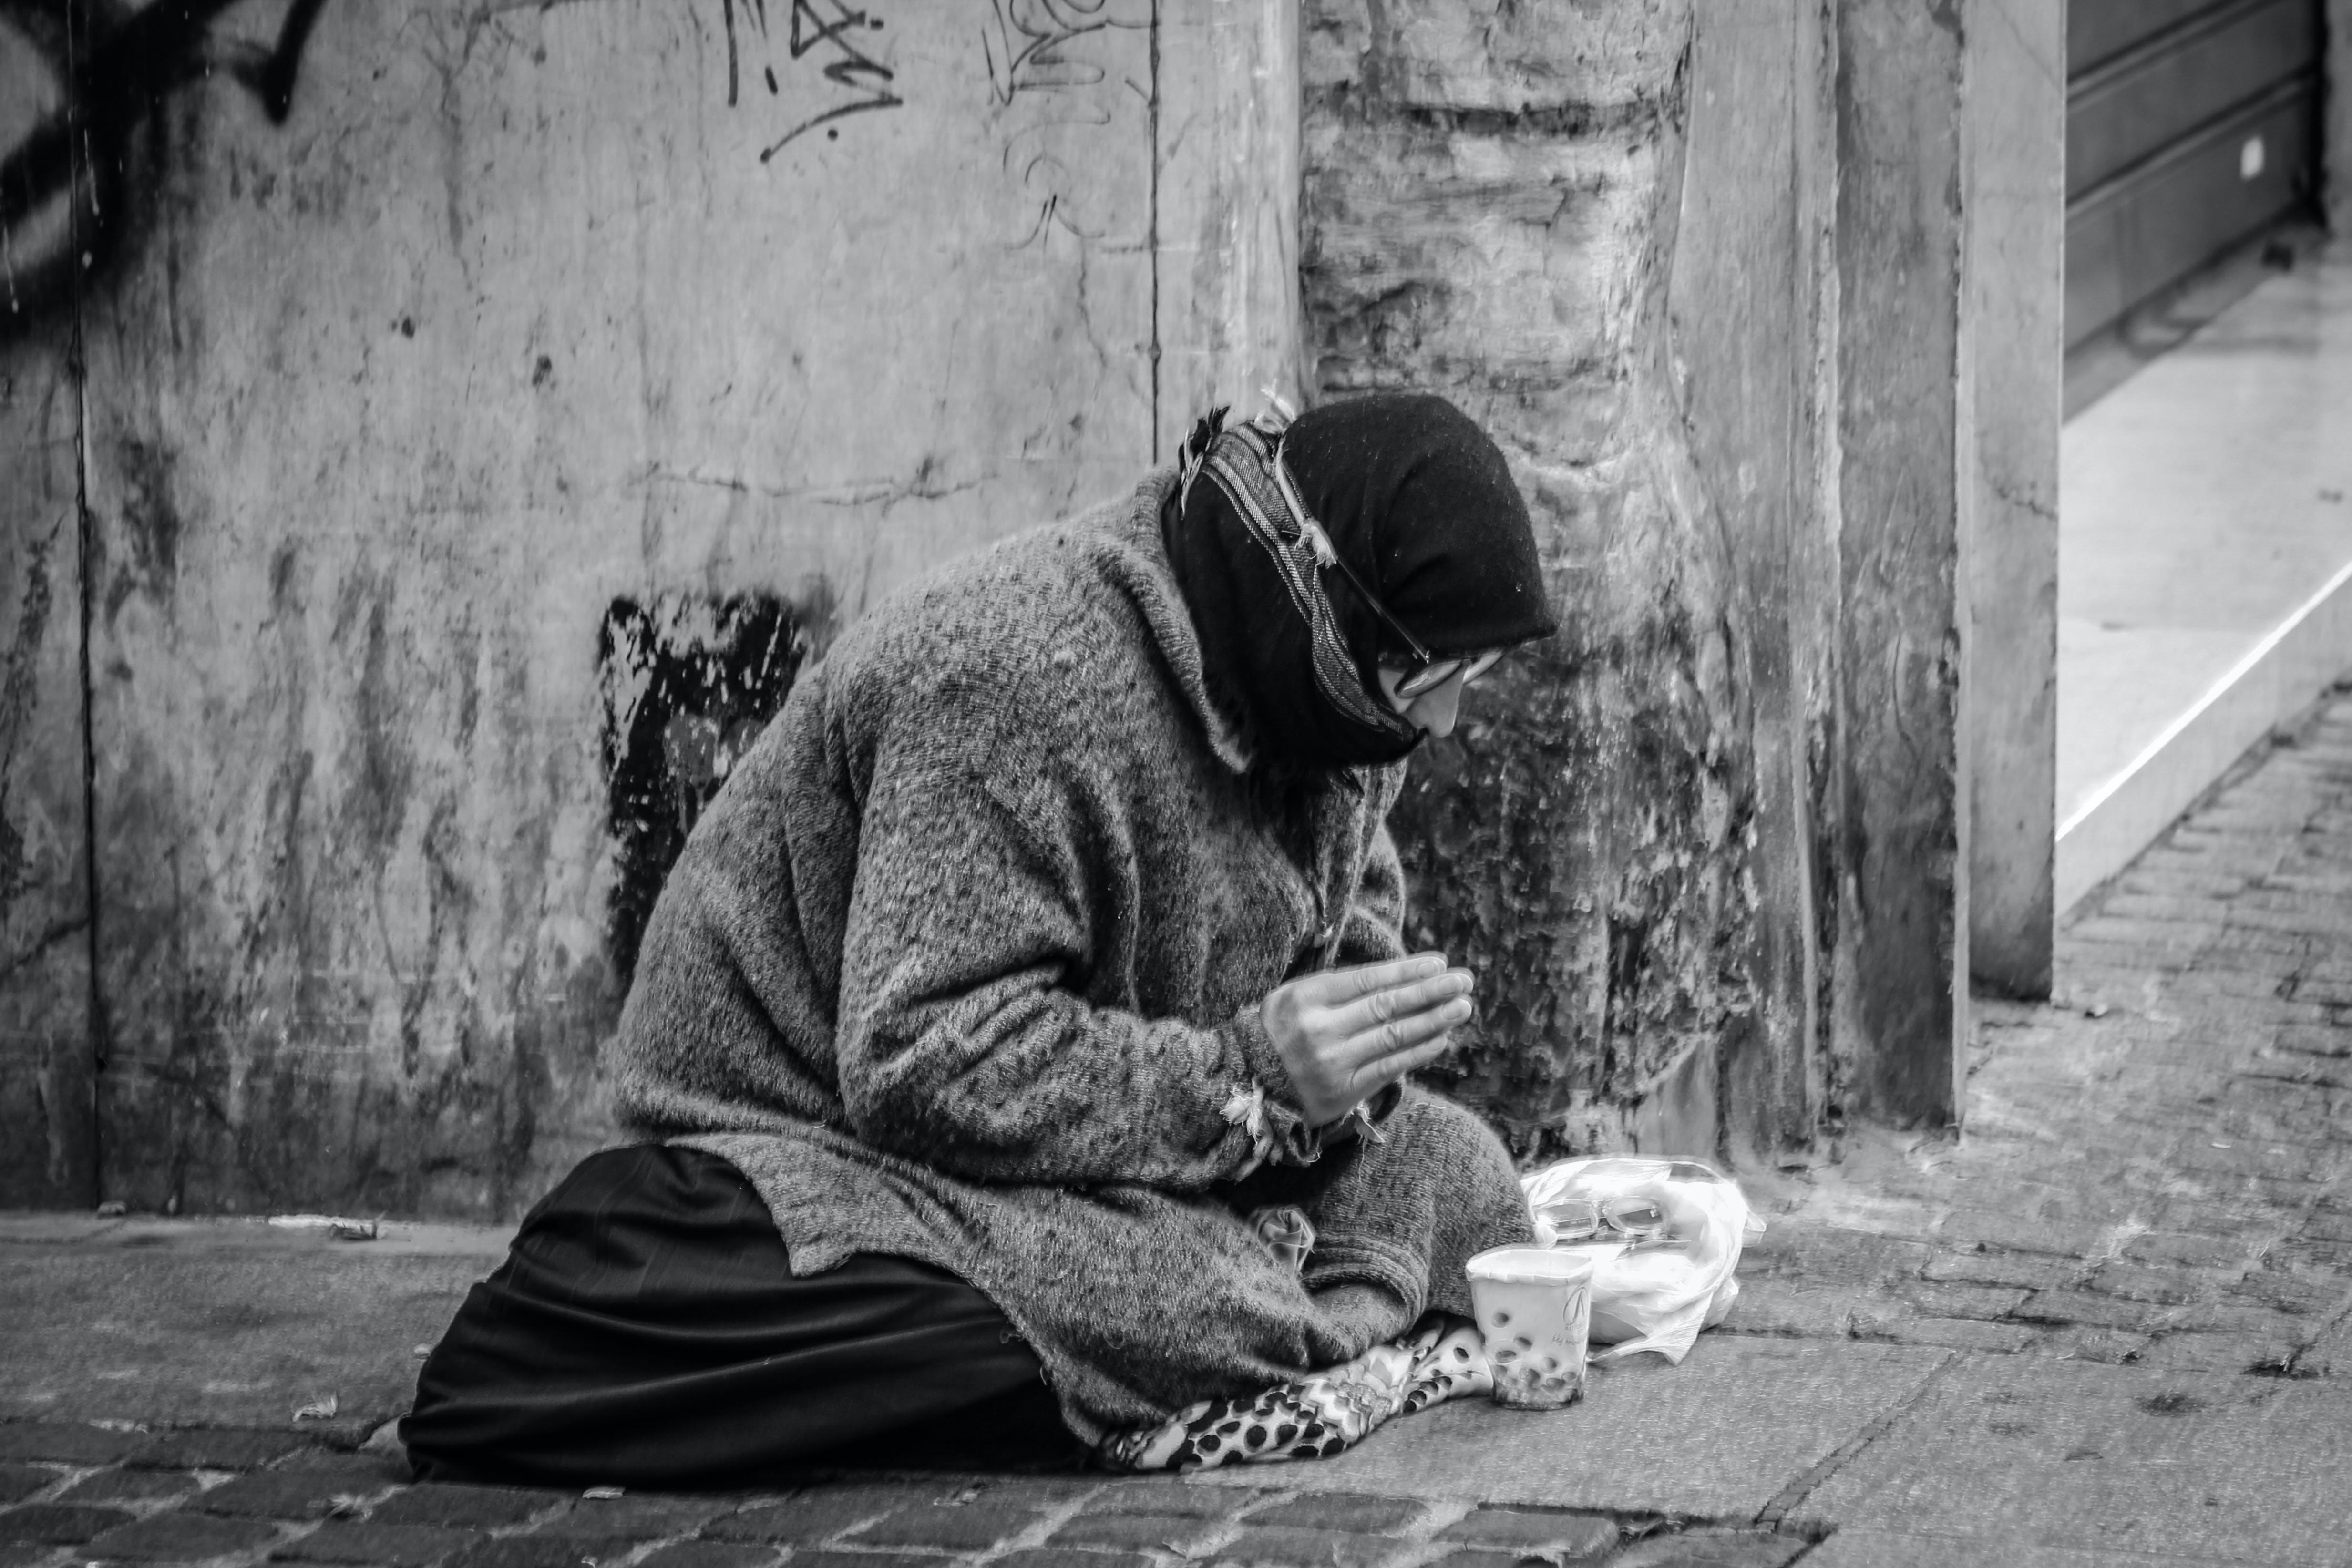 dagslys, fattig, gade